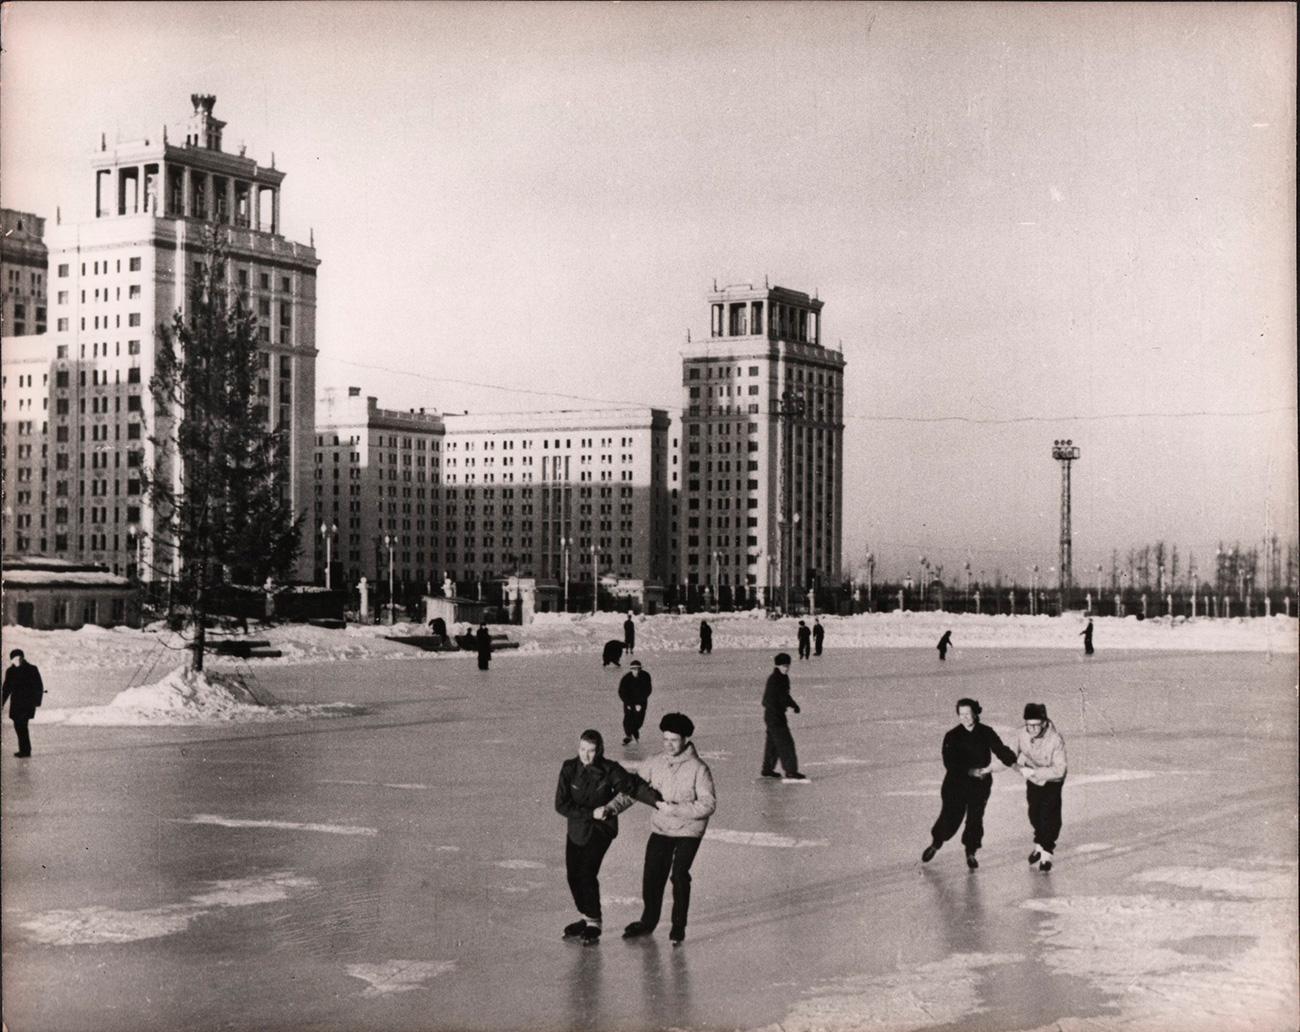 A Associação Itália-Rússia nasceu em Milão, em 1946, e até hoje desempenha um papel fundamental na promoção da cultura russa no exterior.